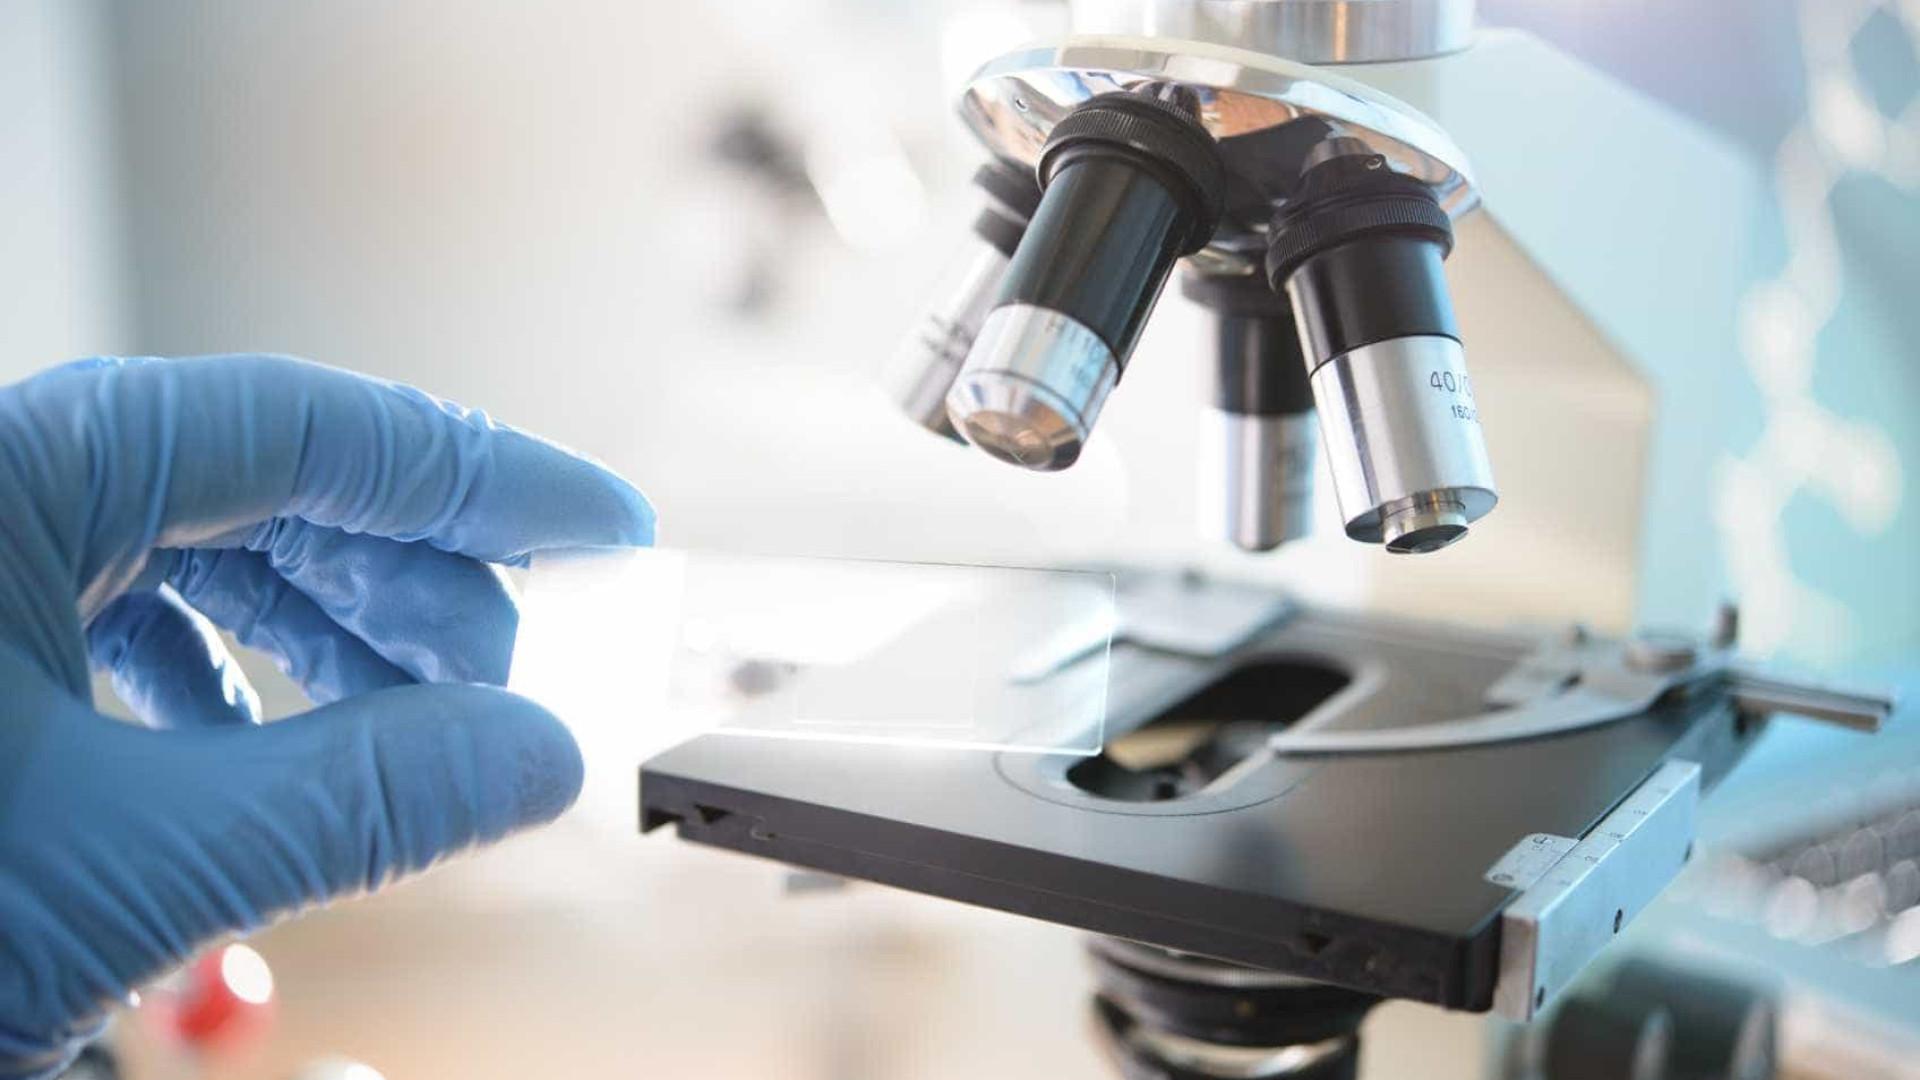 Investigadores científicos apelam para que ministro cumpra promessas